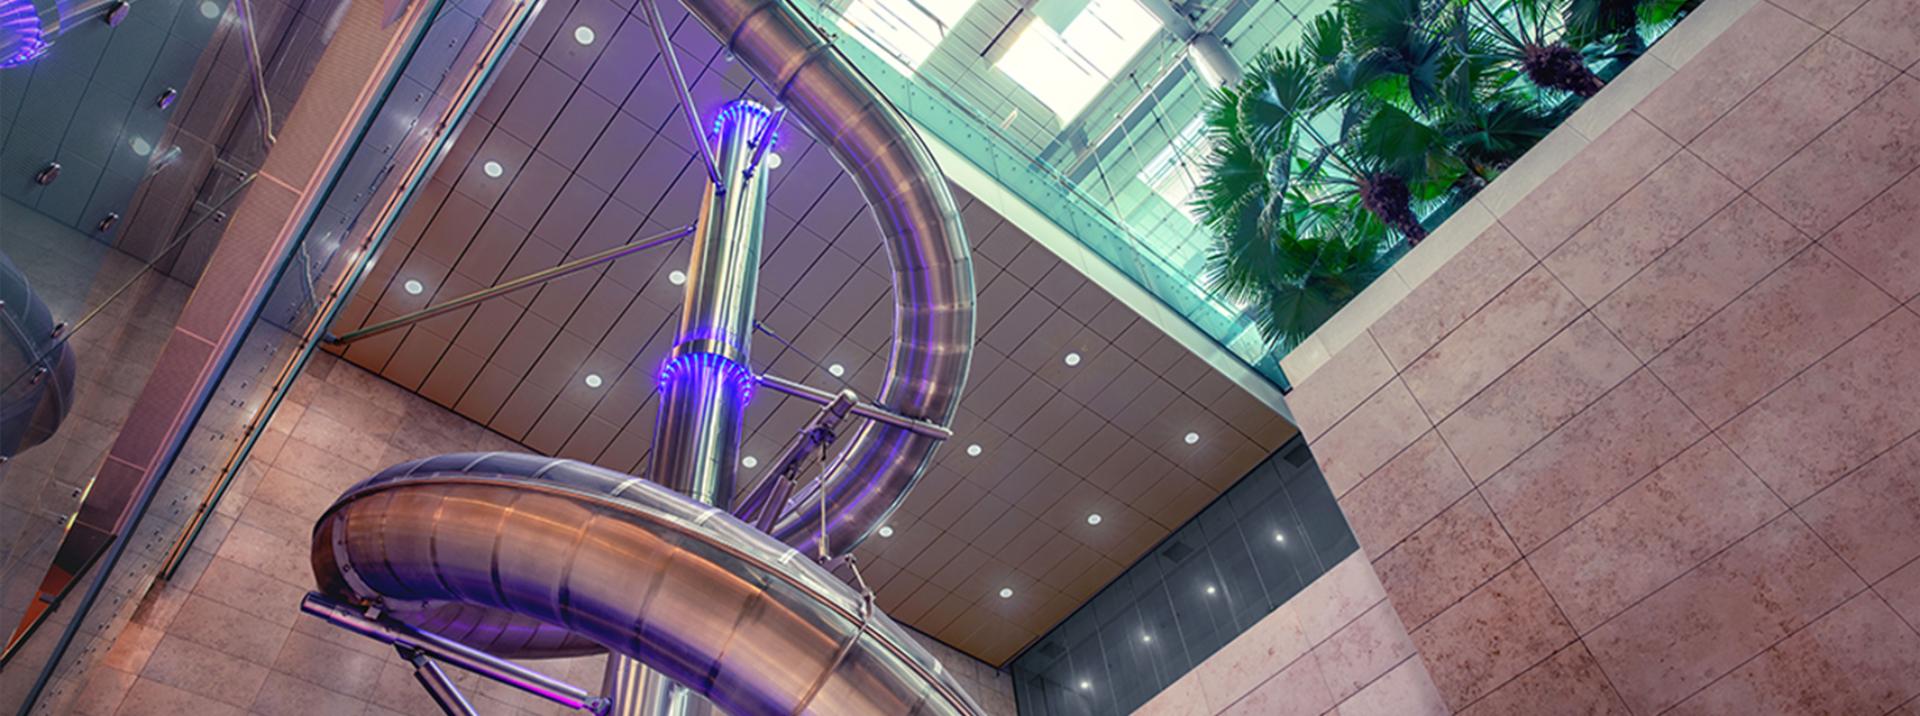 El tobogán de cuatro pisos de alto es una de las principales atracciones de Changi (Foto: Especial)